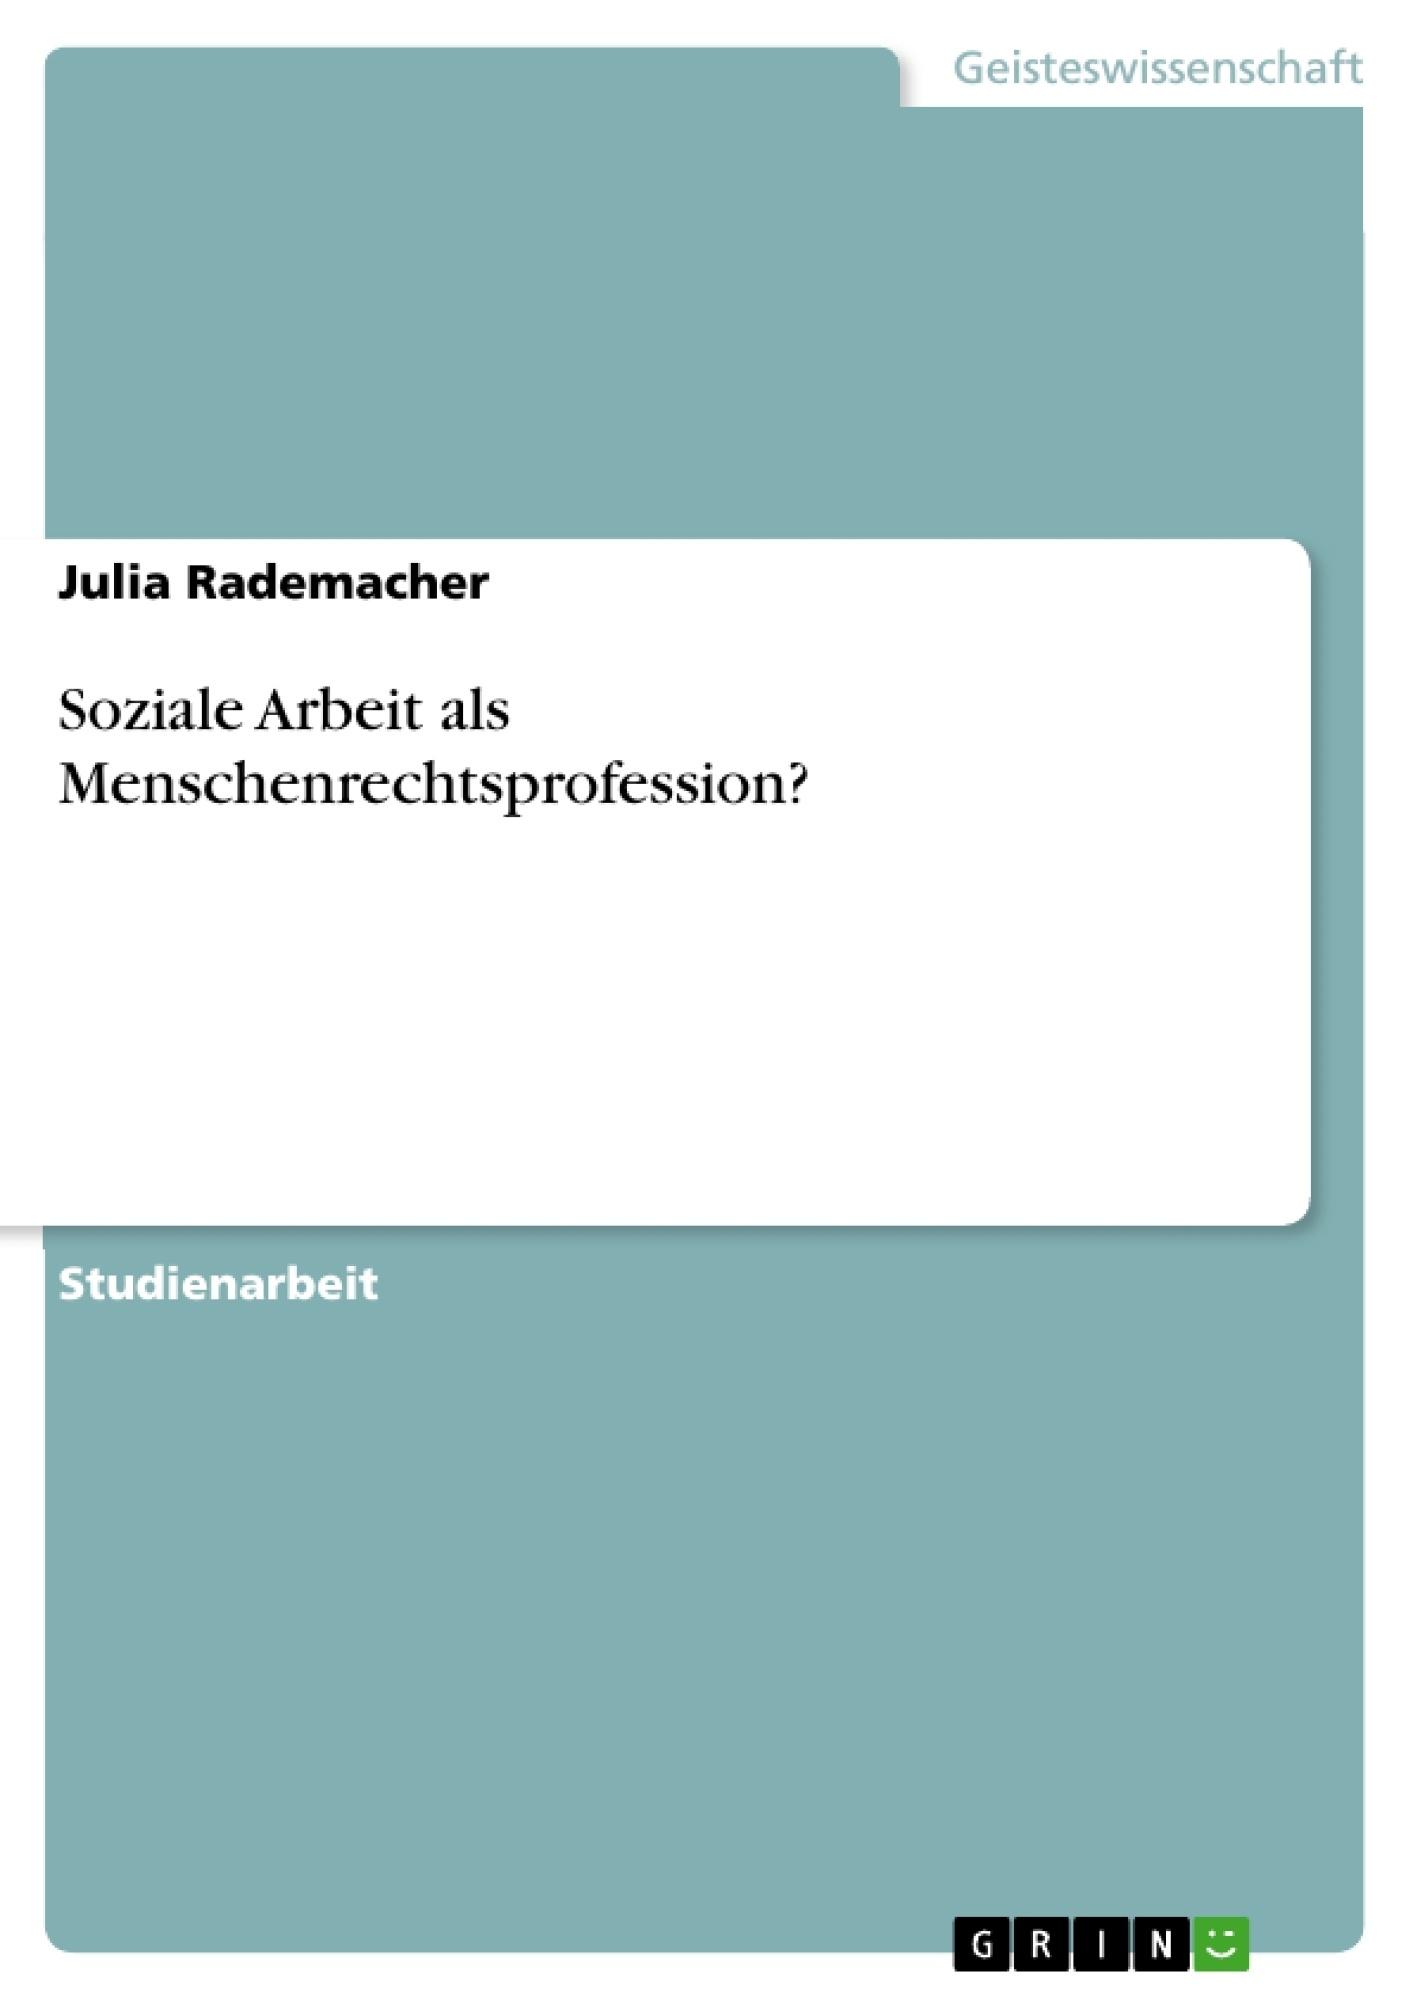 Titel: Soziale Arbeit als Menschenrechtsprofession?